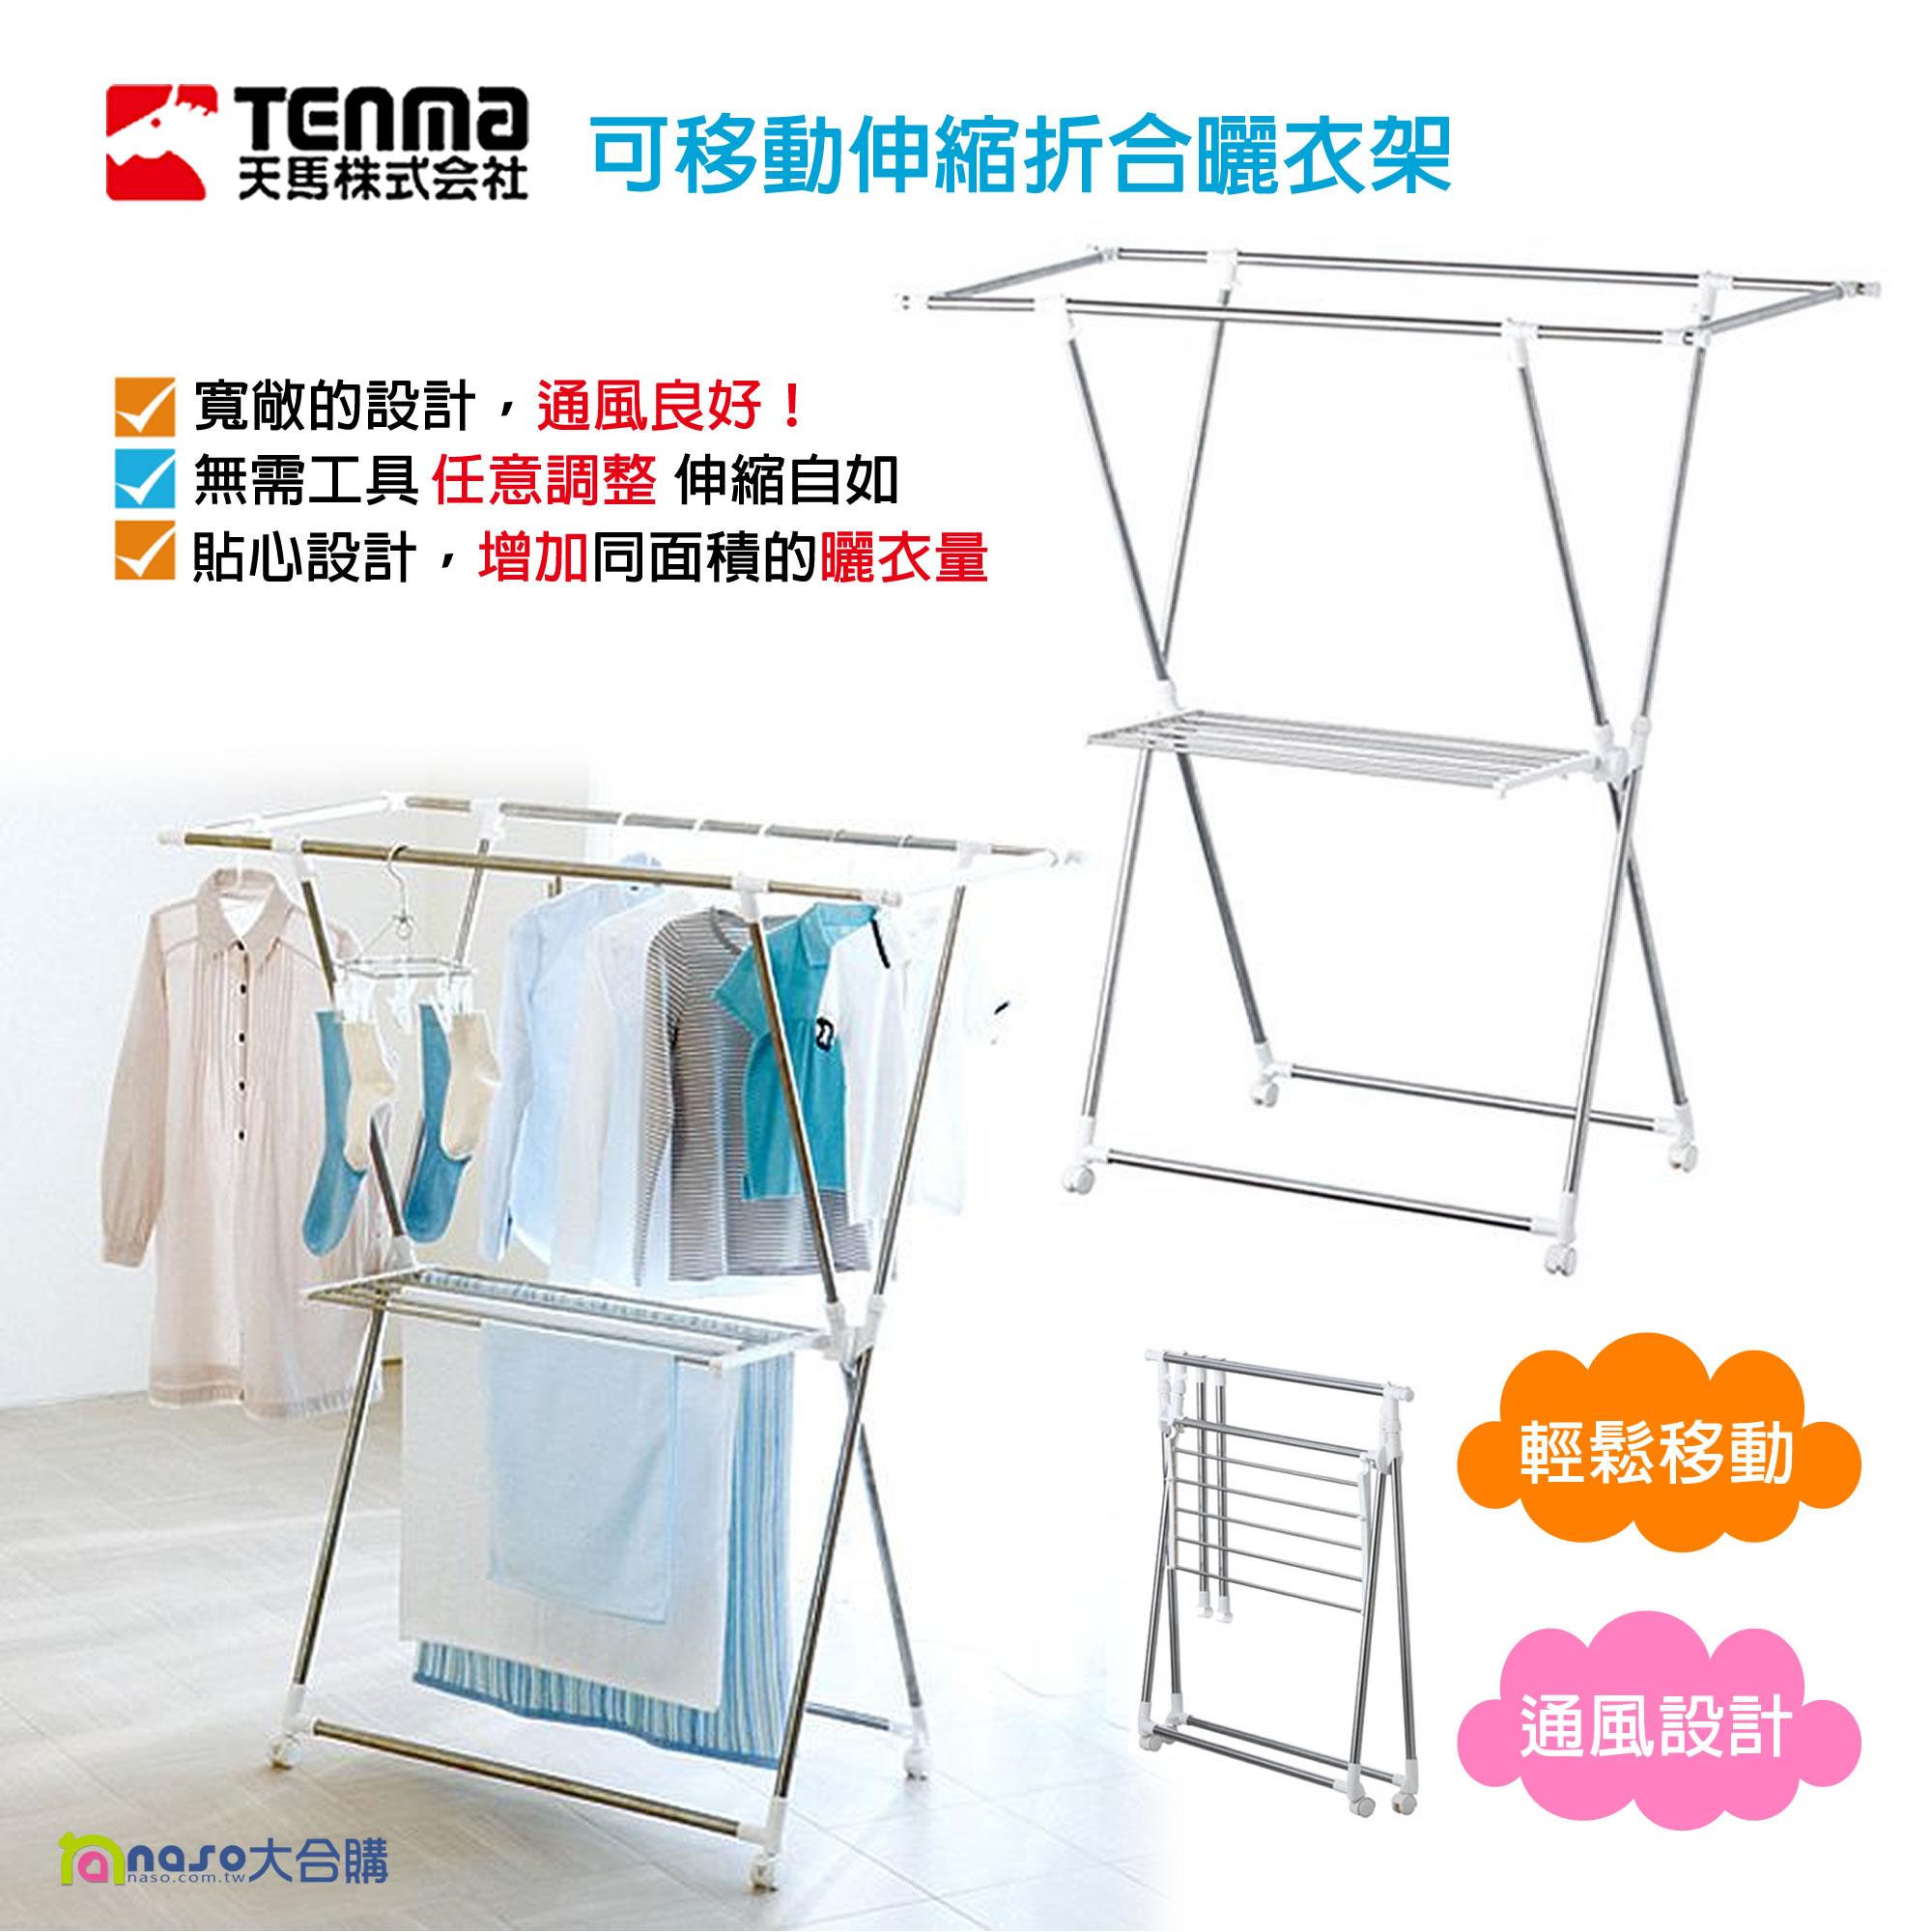 日本天馬Tenma可移動伸縮折合曬衣架 好評第2團